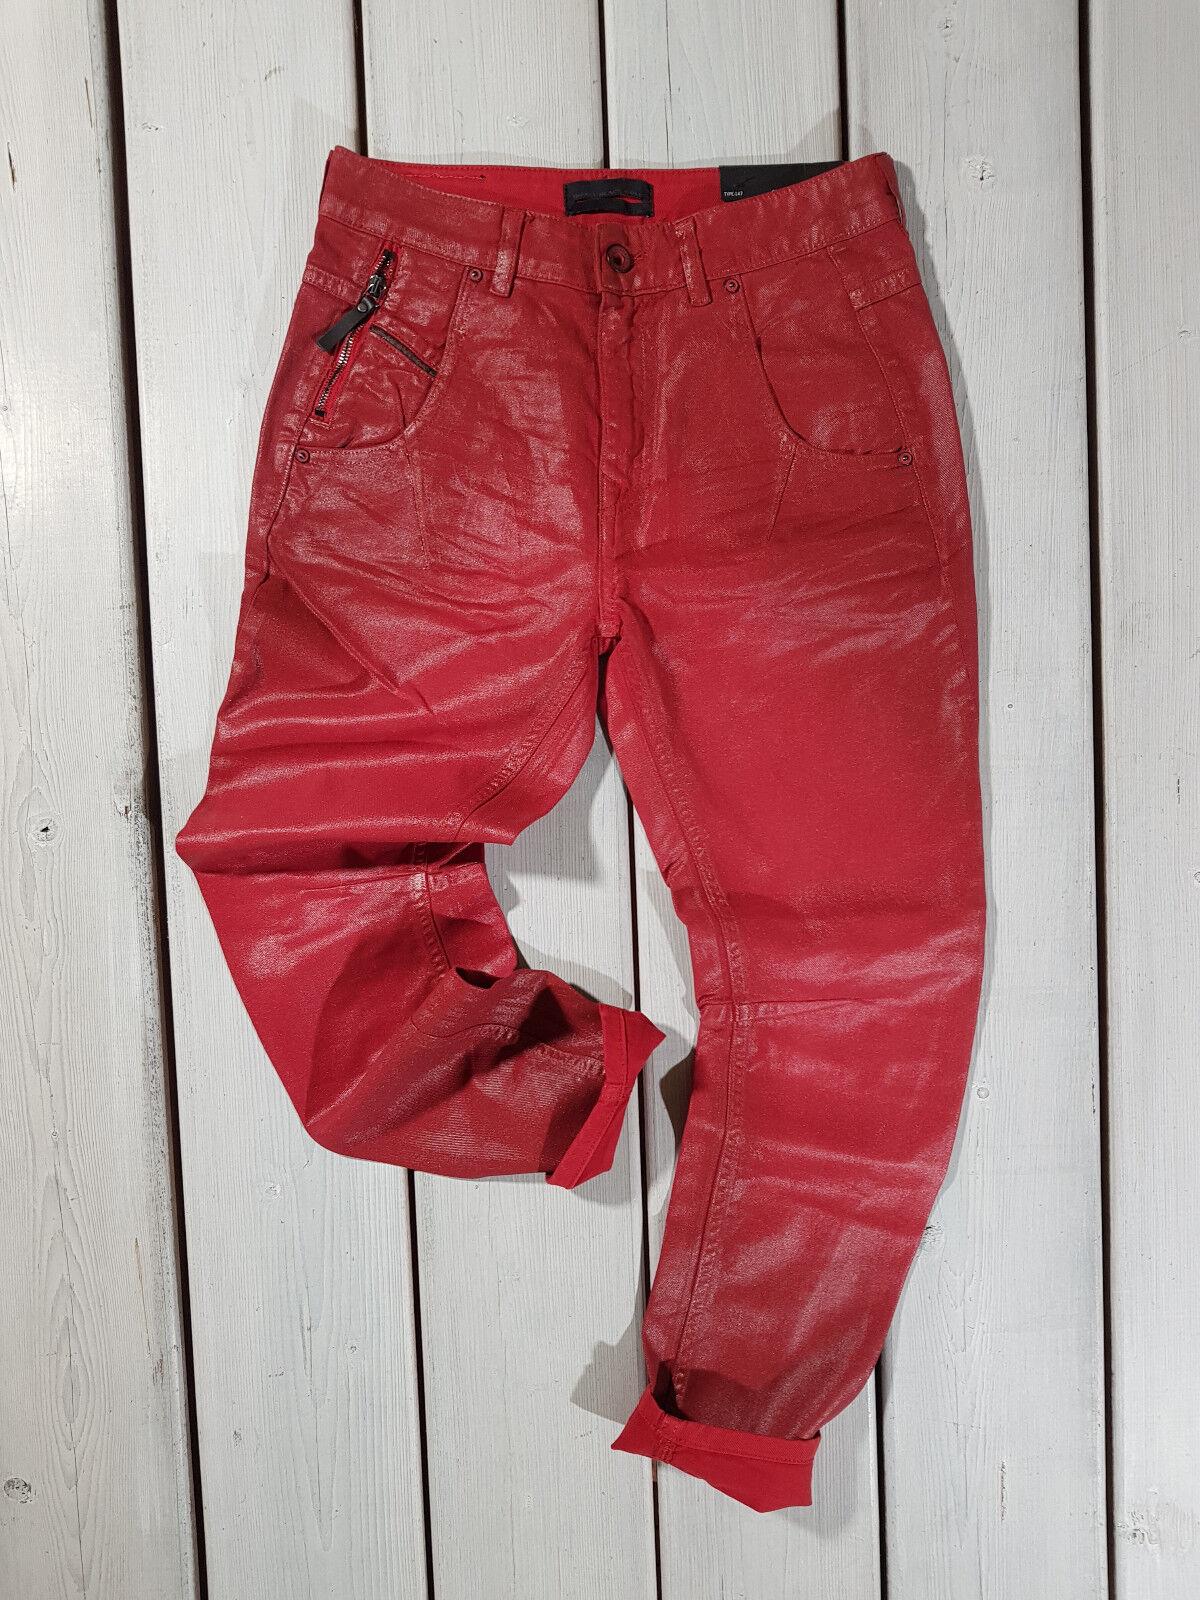 Neu Diesel Schwarz Gold DAMEN Jeans W24 Typ 147 Karotte Rot